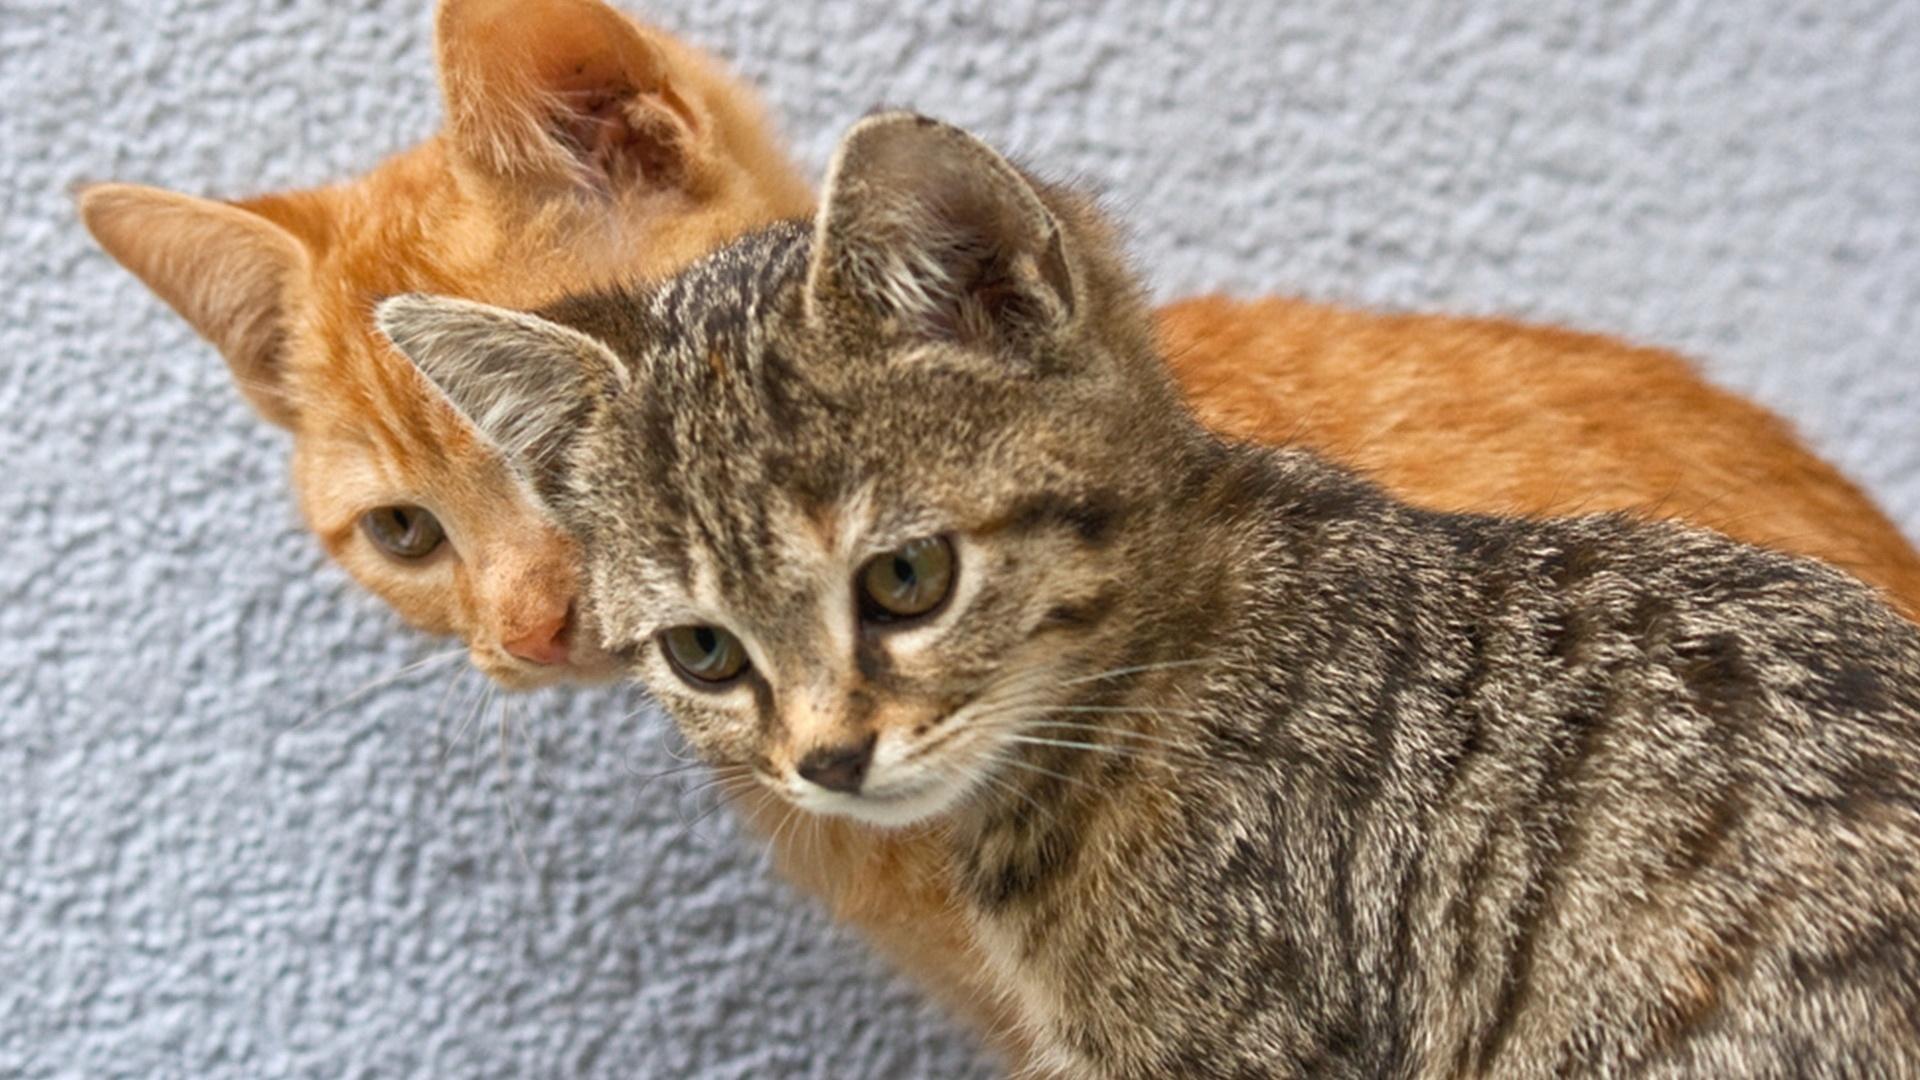 каждого картинки рыжего и серого кота ведь